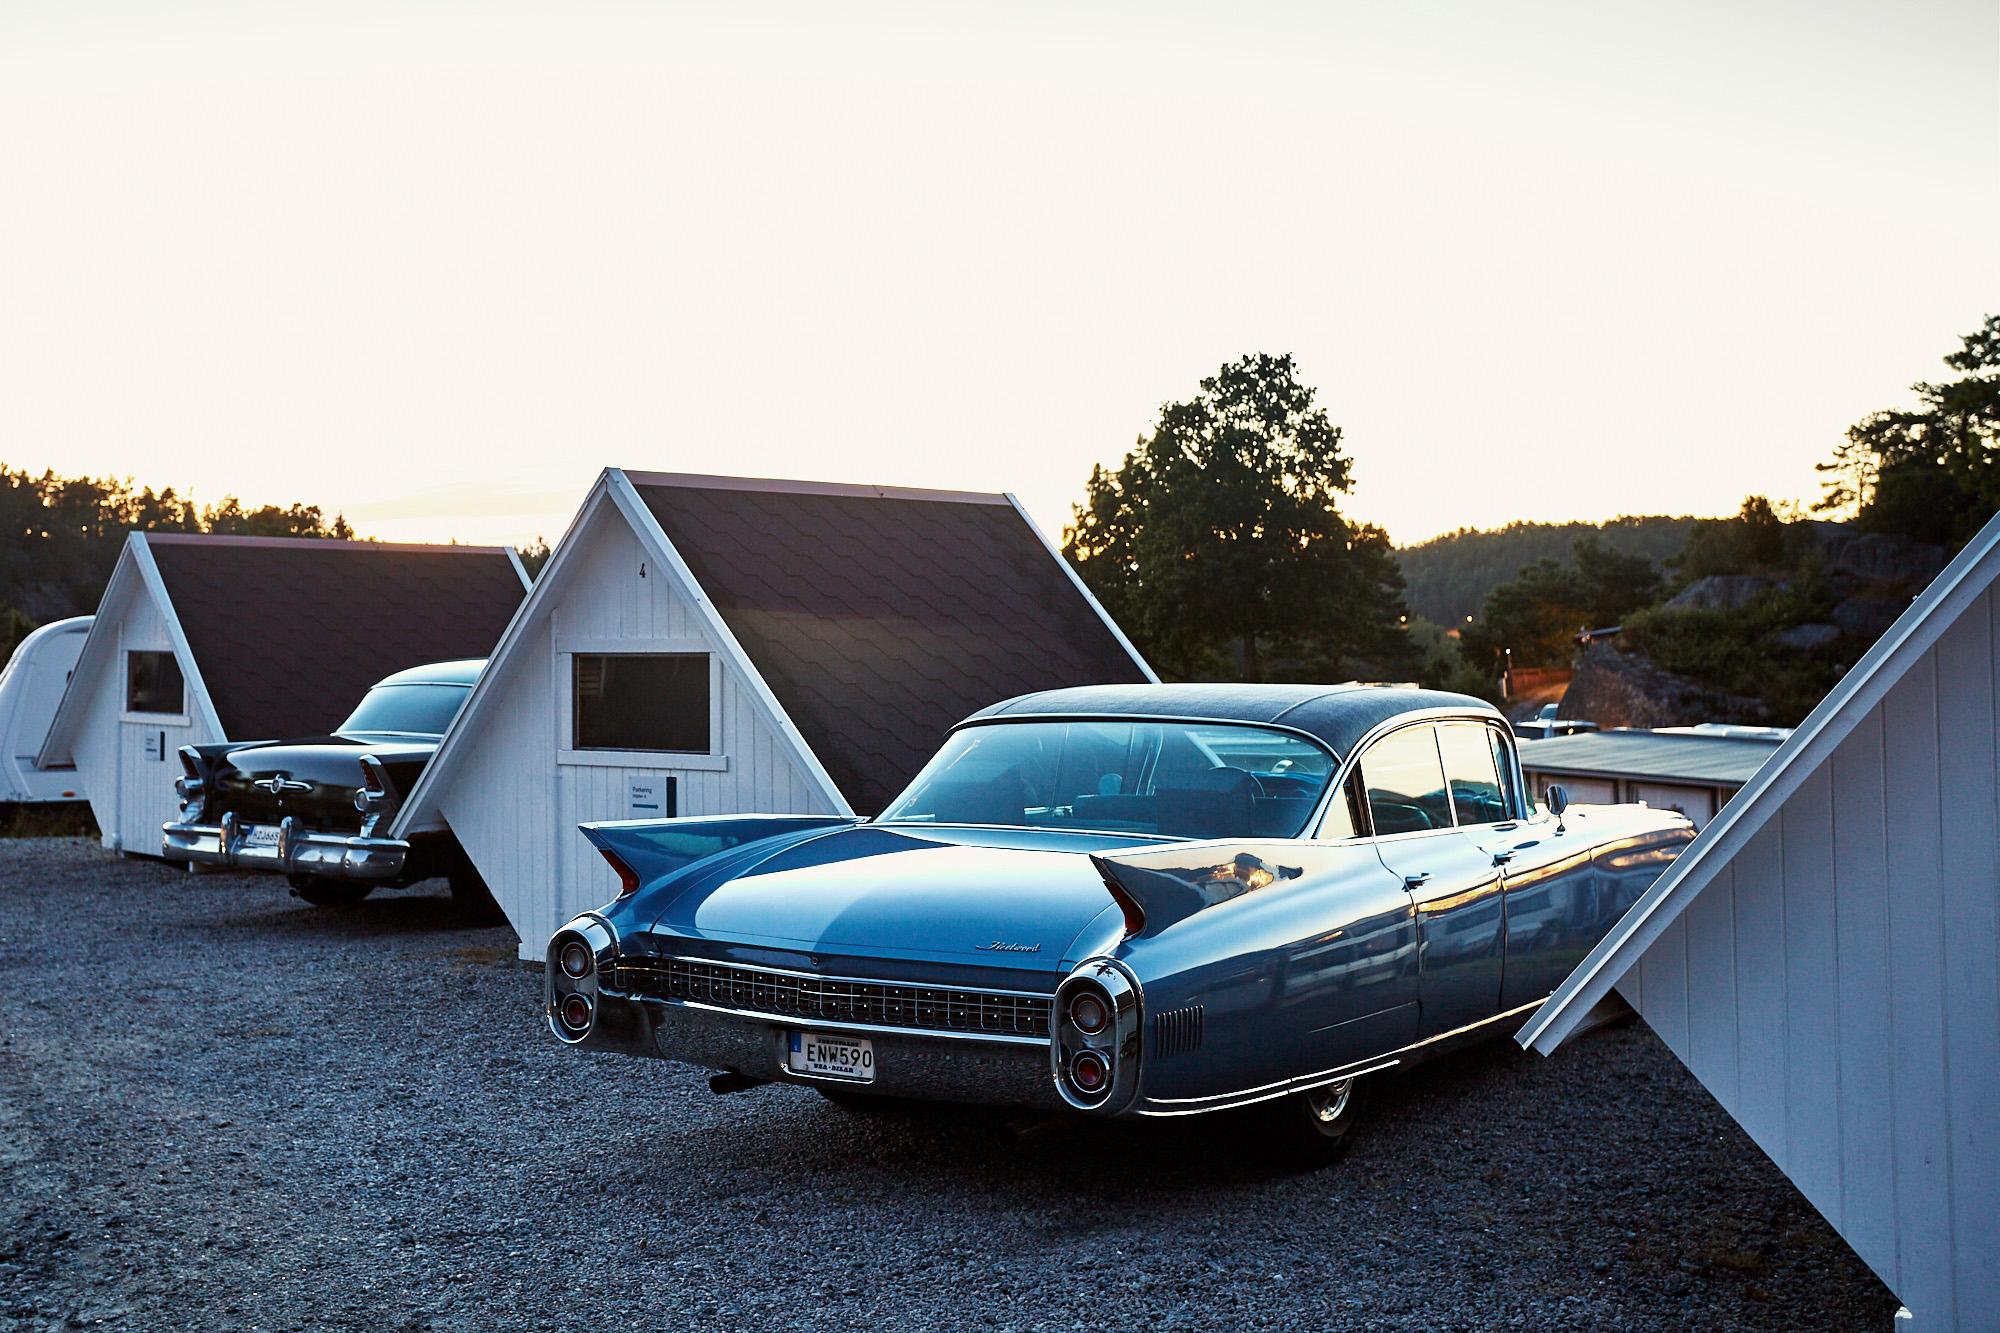 Två äldre amerikanska bilar parkerade på Lagunen med den bohuslänska solen som går ner i bakgrunden.